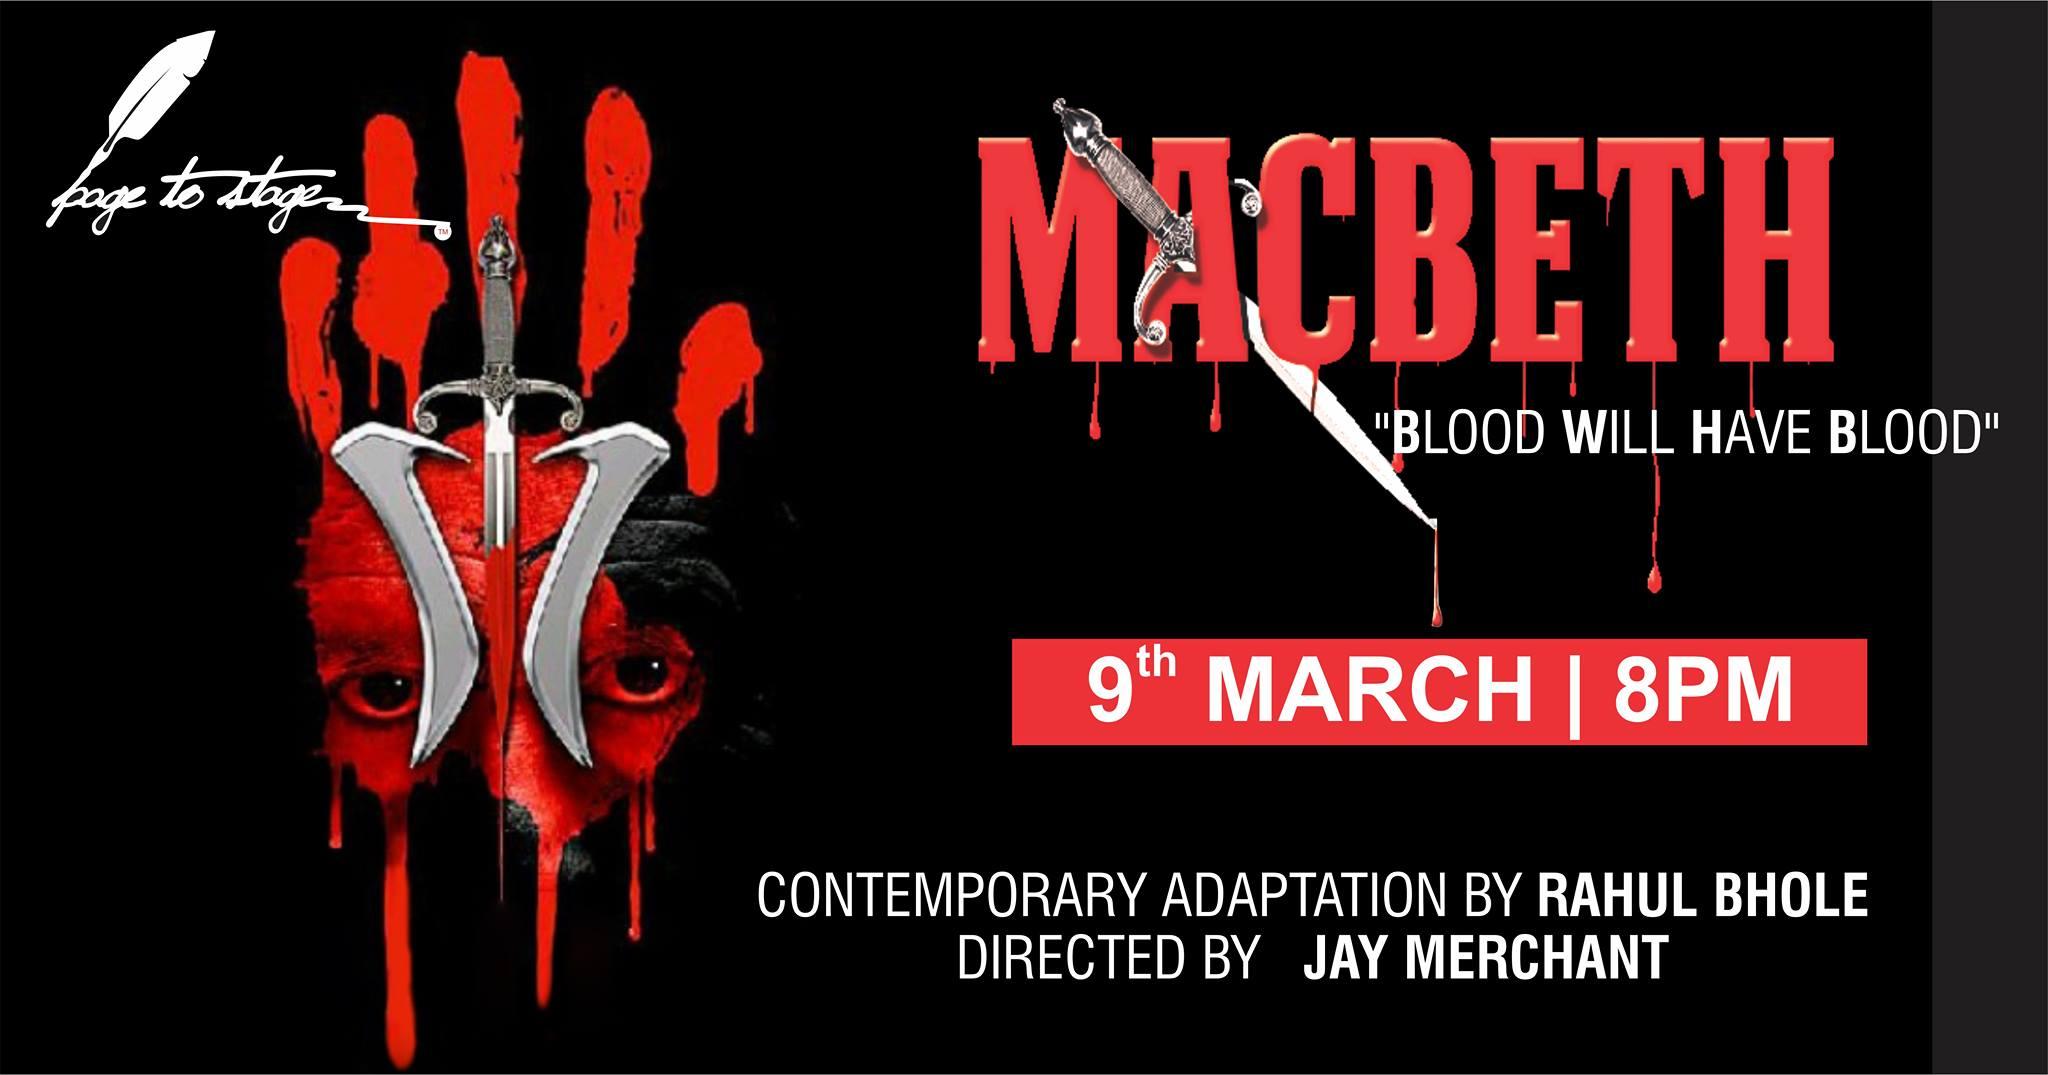 Macbeth Play At Ouroboros Theatre